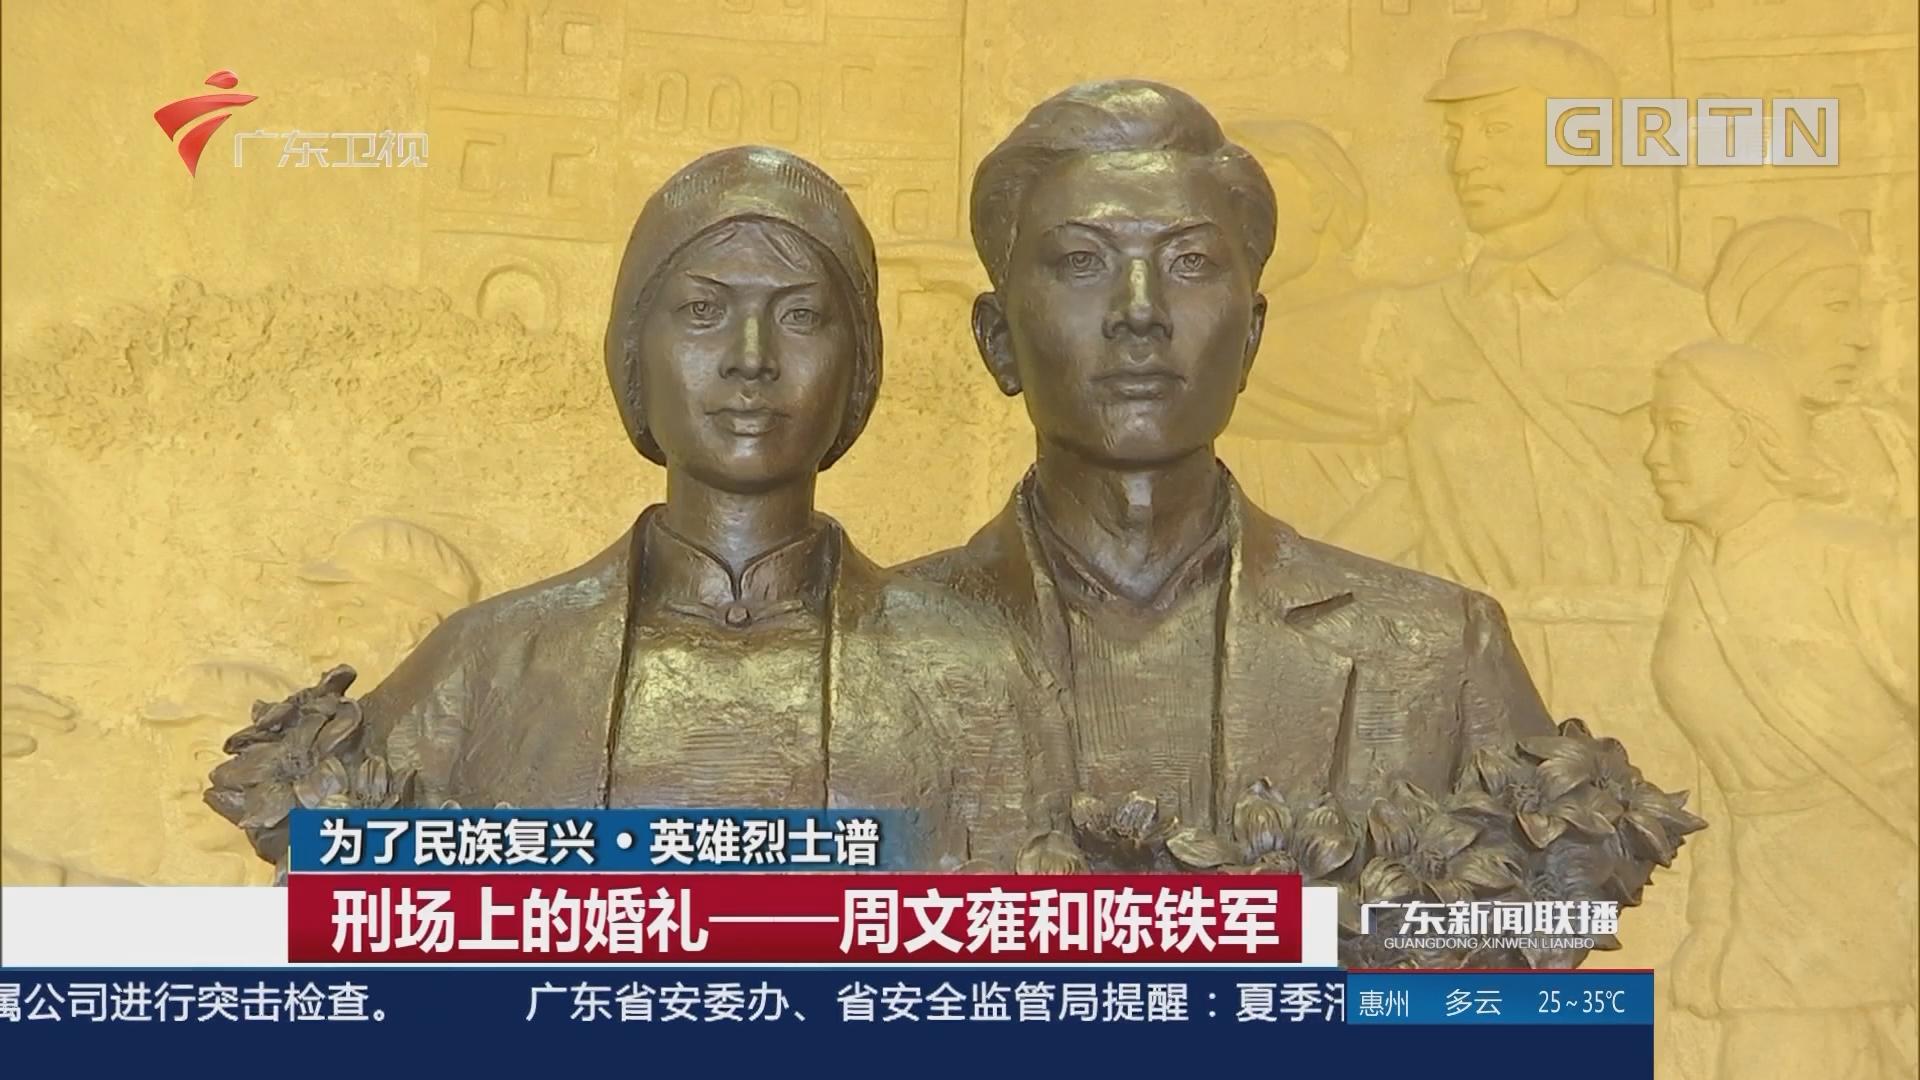 刑场上的婚礼——周文雍和陈铁军